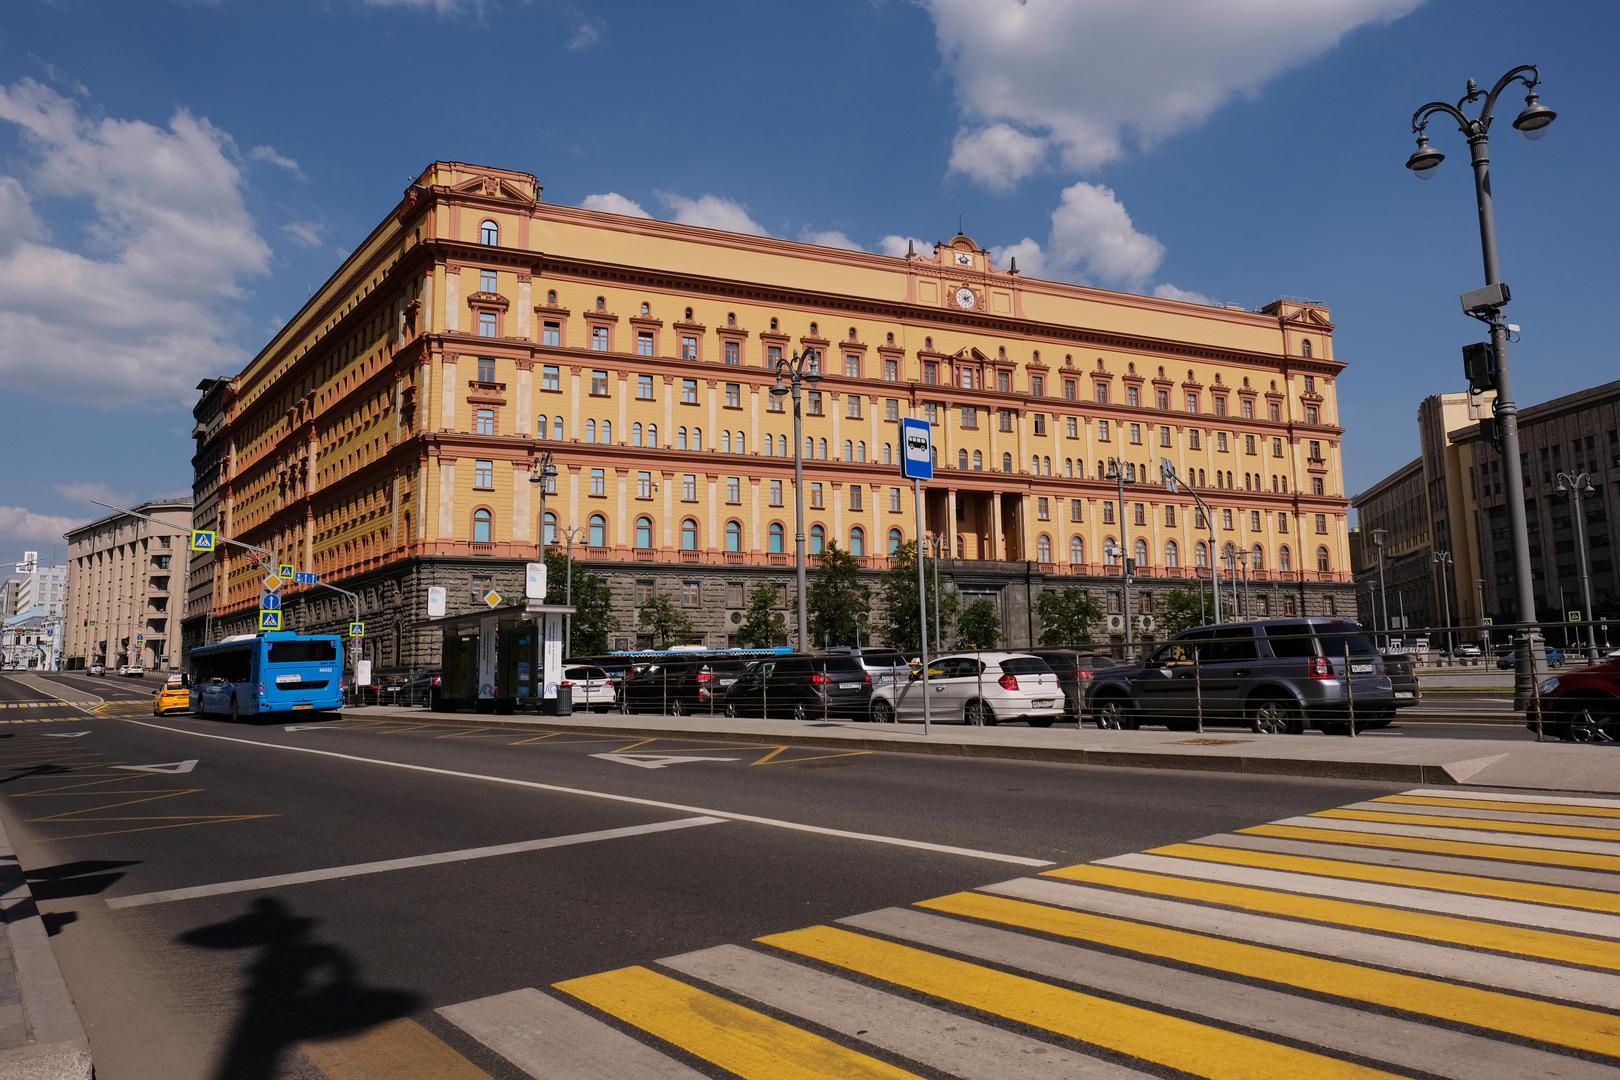 الأمن الفدرالي الروسي يرفع السرية عن معلومات حول قتل سكان مدينة سالسك من قبل النازيين